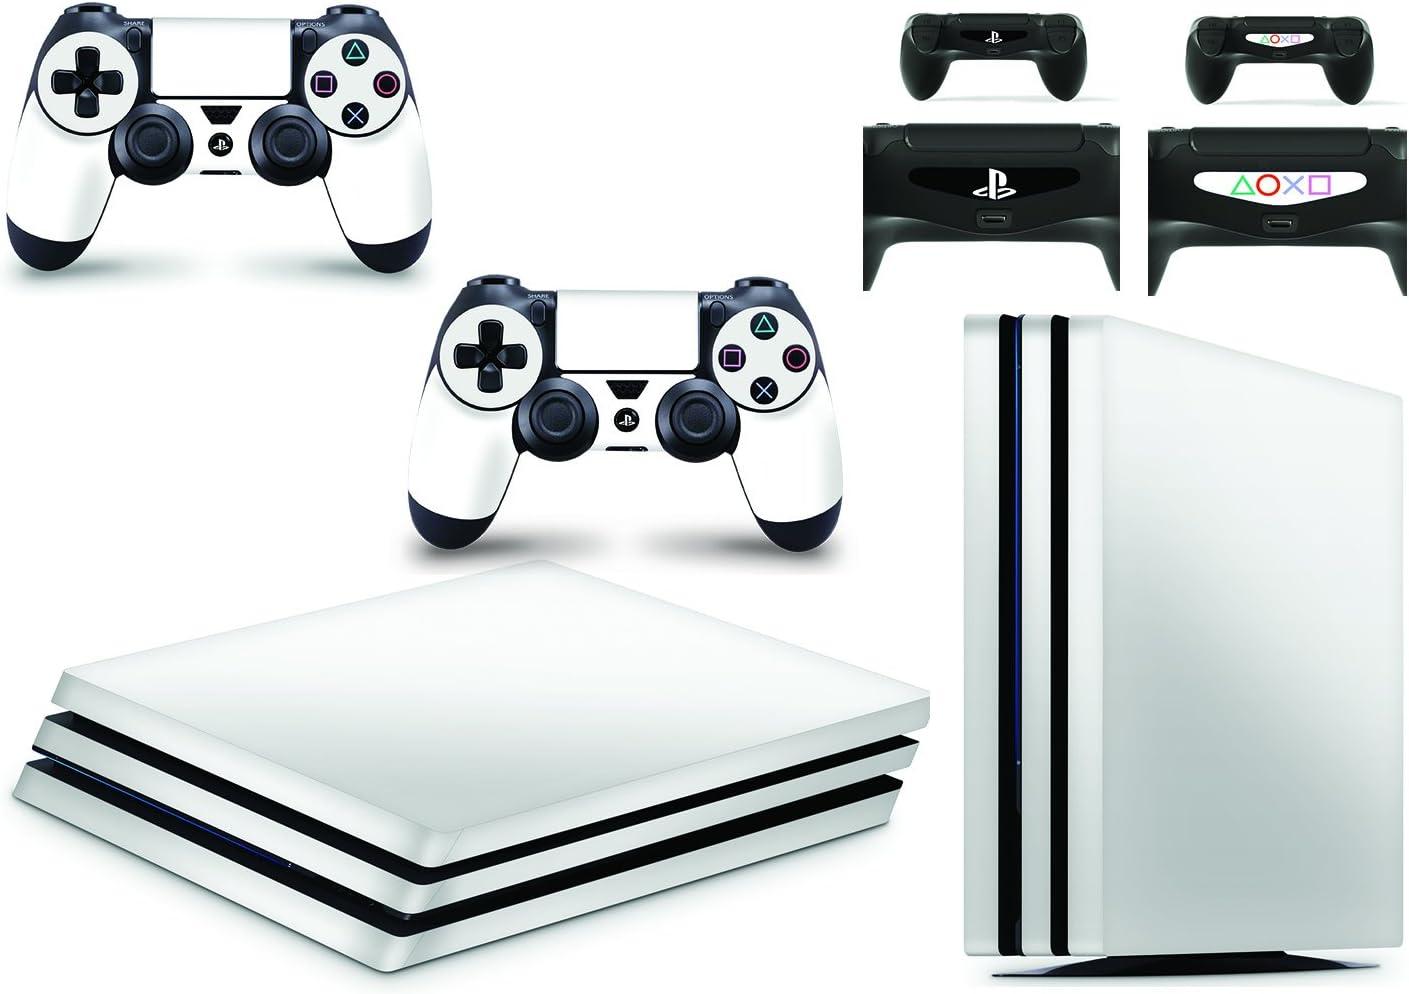 giZmoZ n gadgetZ Skin Adhesivo de Vinilo de Blanco de GNG para la Consola PS4 Pro + Set de 2 Skins para los Controladores: Amazon.es: Electrónica